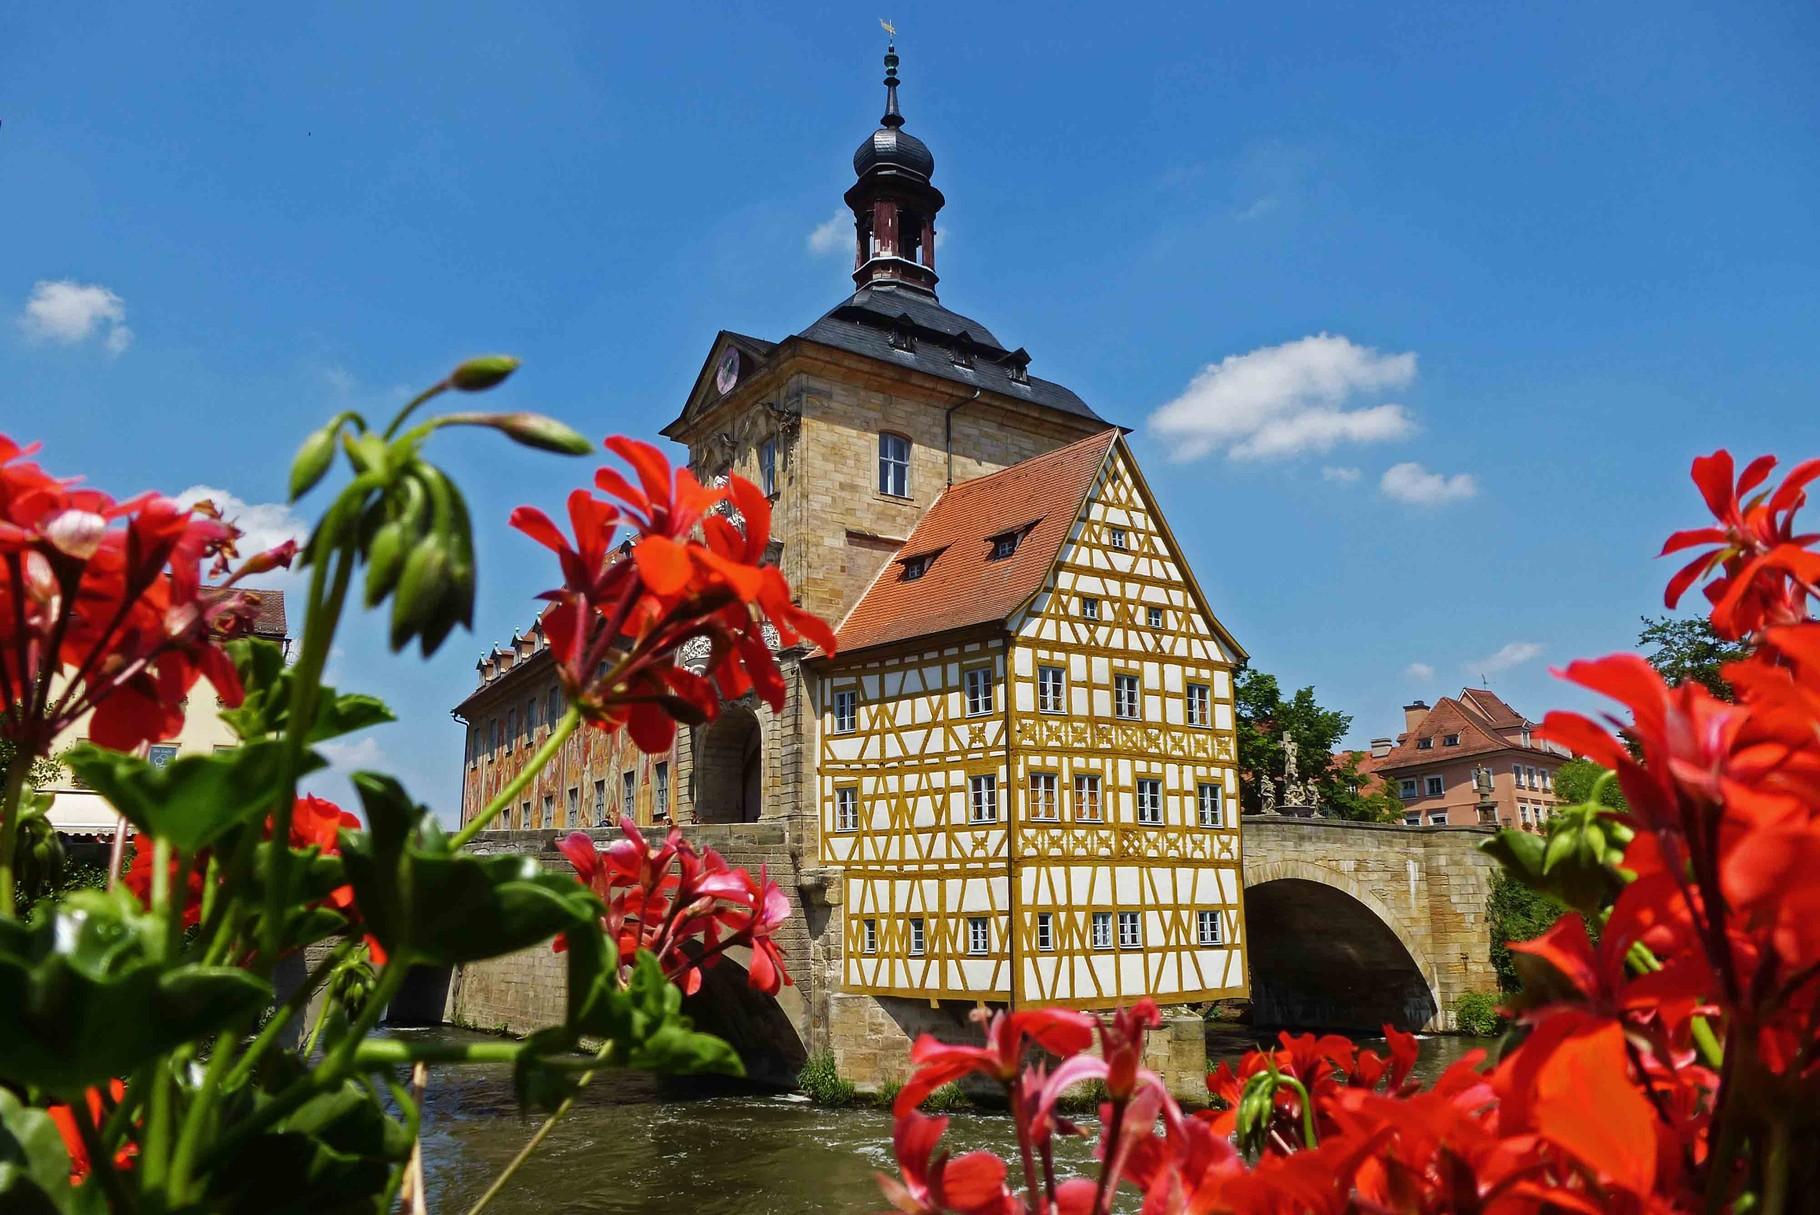 Altes Rathaus auf einer künstlichen Insel im Wasser gebaut